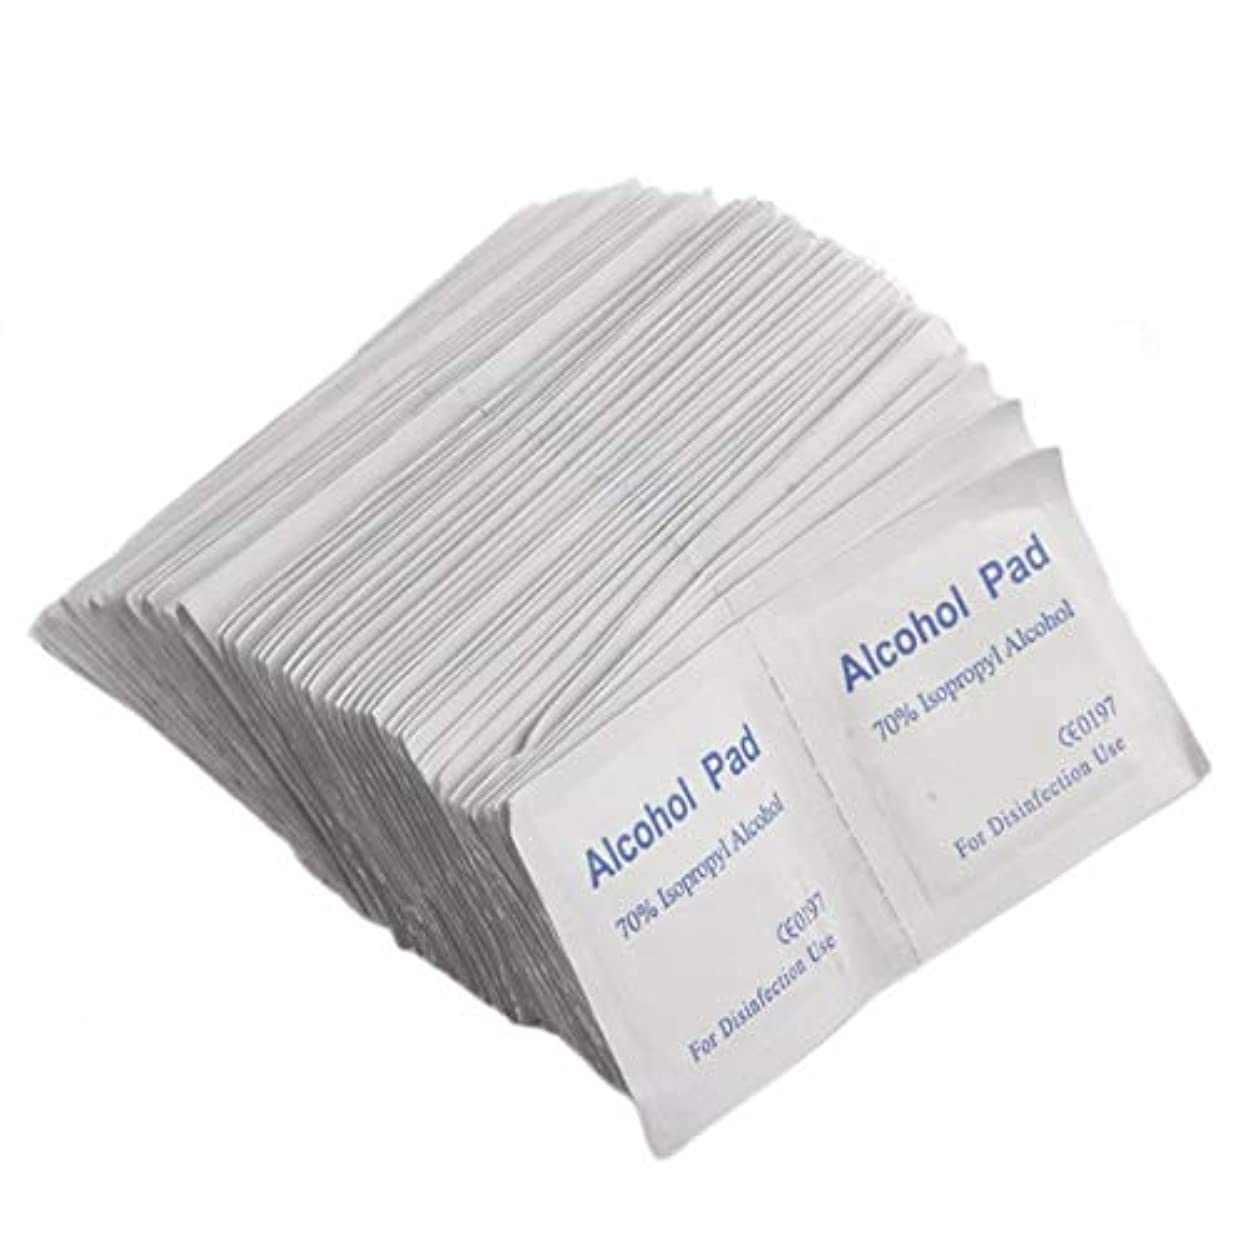 歴史的収穫が欲しいIntercorey 100ピース/ボックスプロフェッショナルアルコールワイプパッド医療綿棒サシェ抗菌ツールクレンザークリーニング不織布紙